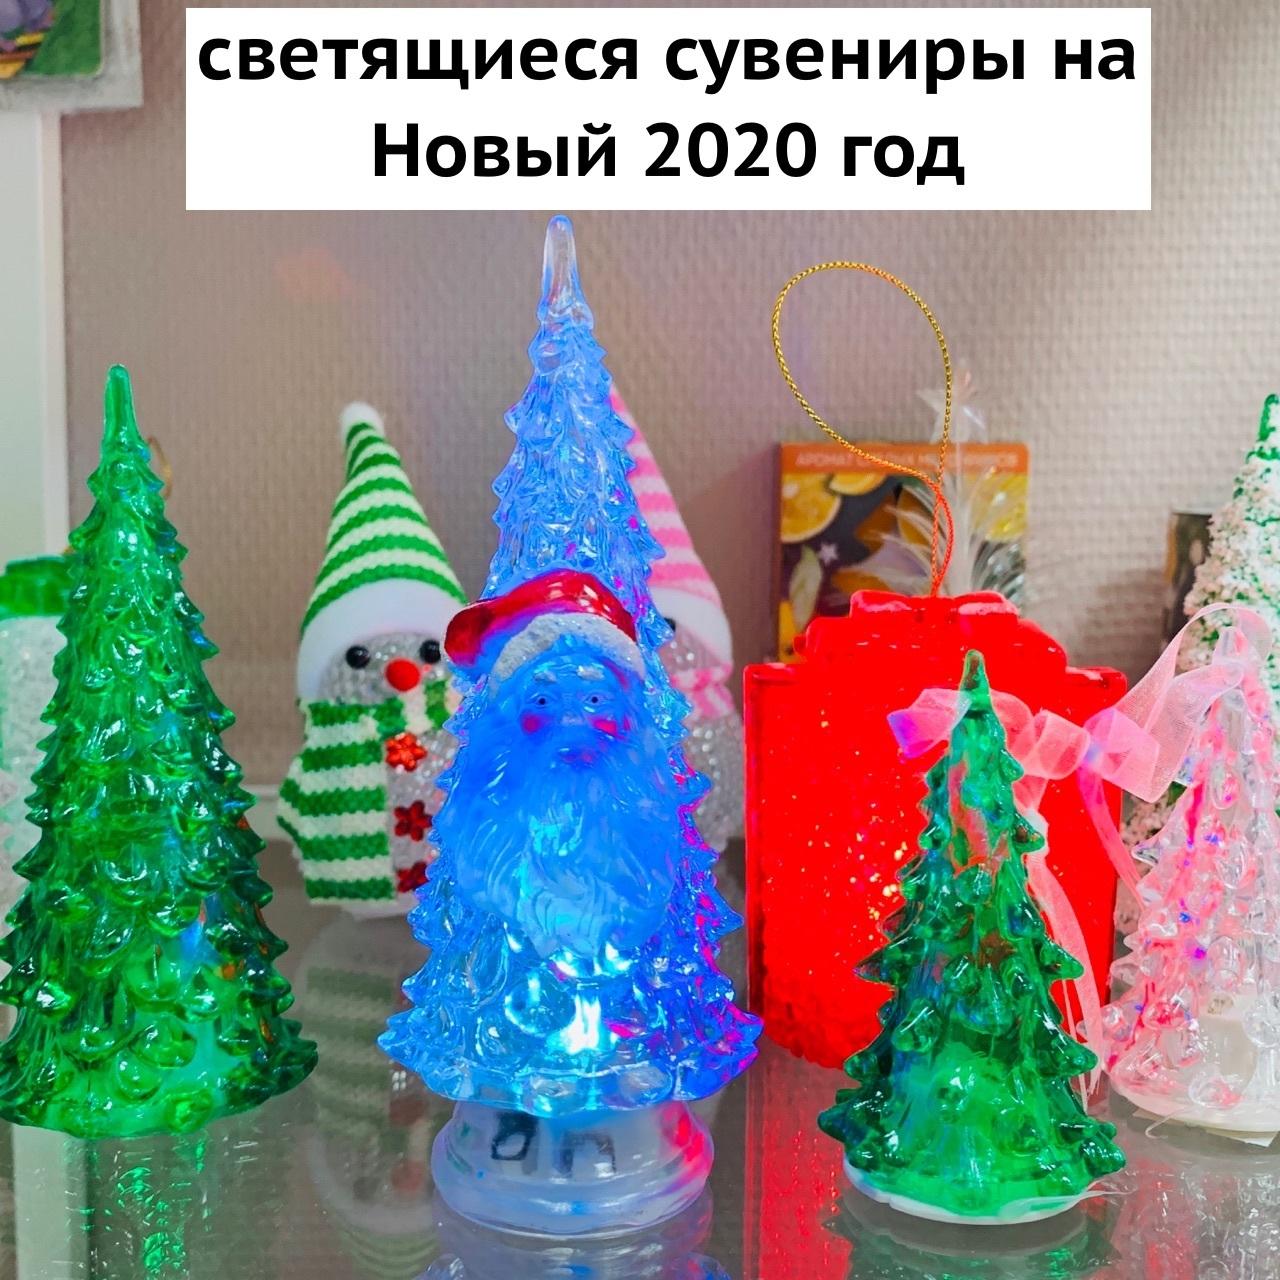 Светящиеся снеговики, ёлки, подарочки и другие персонажи на батарейках